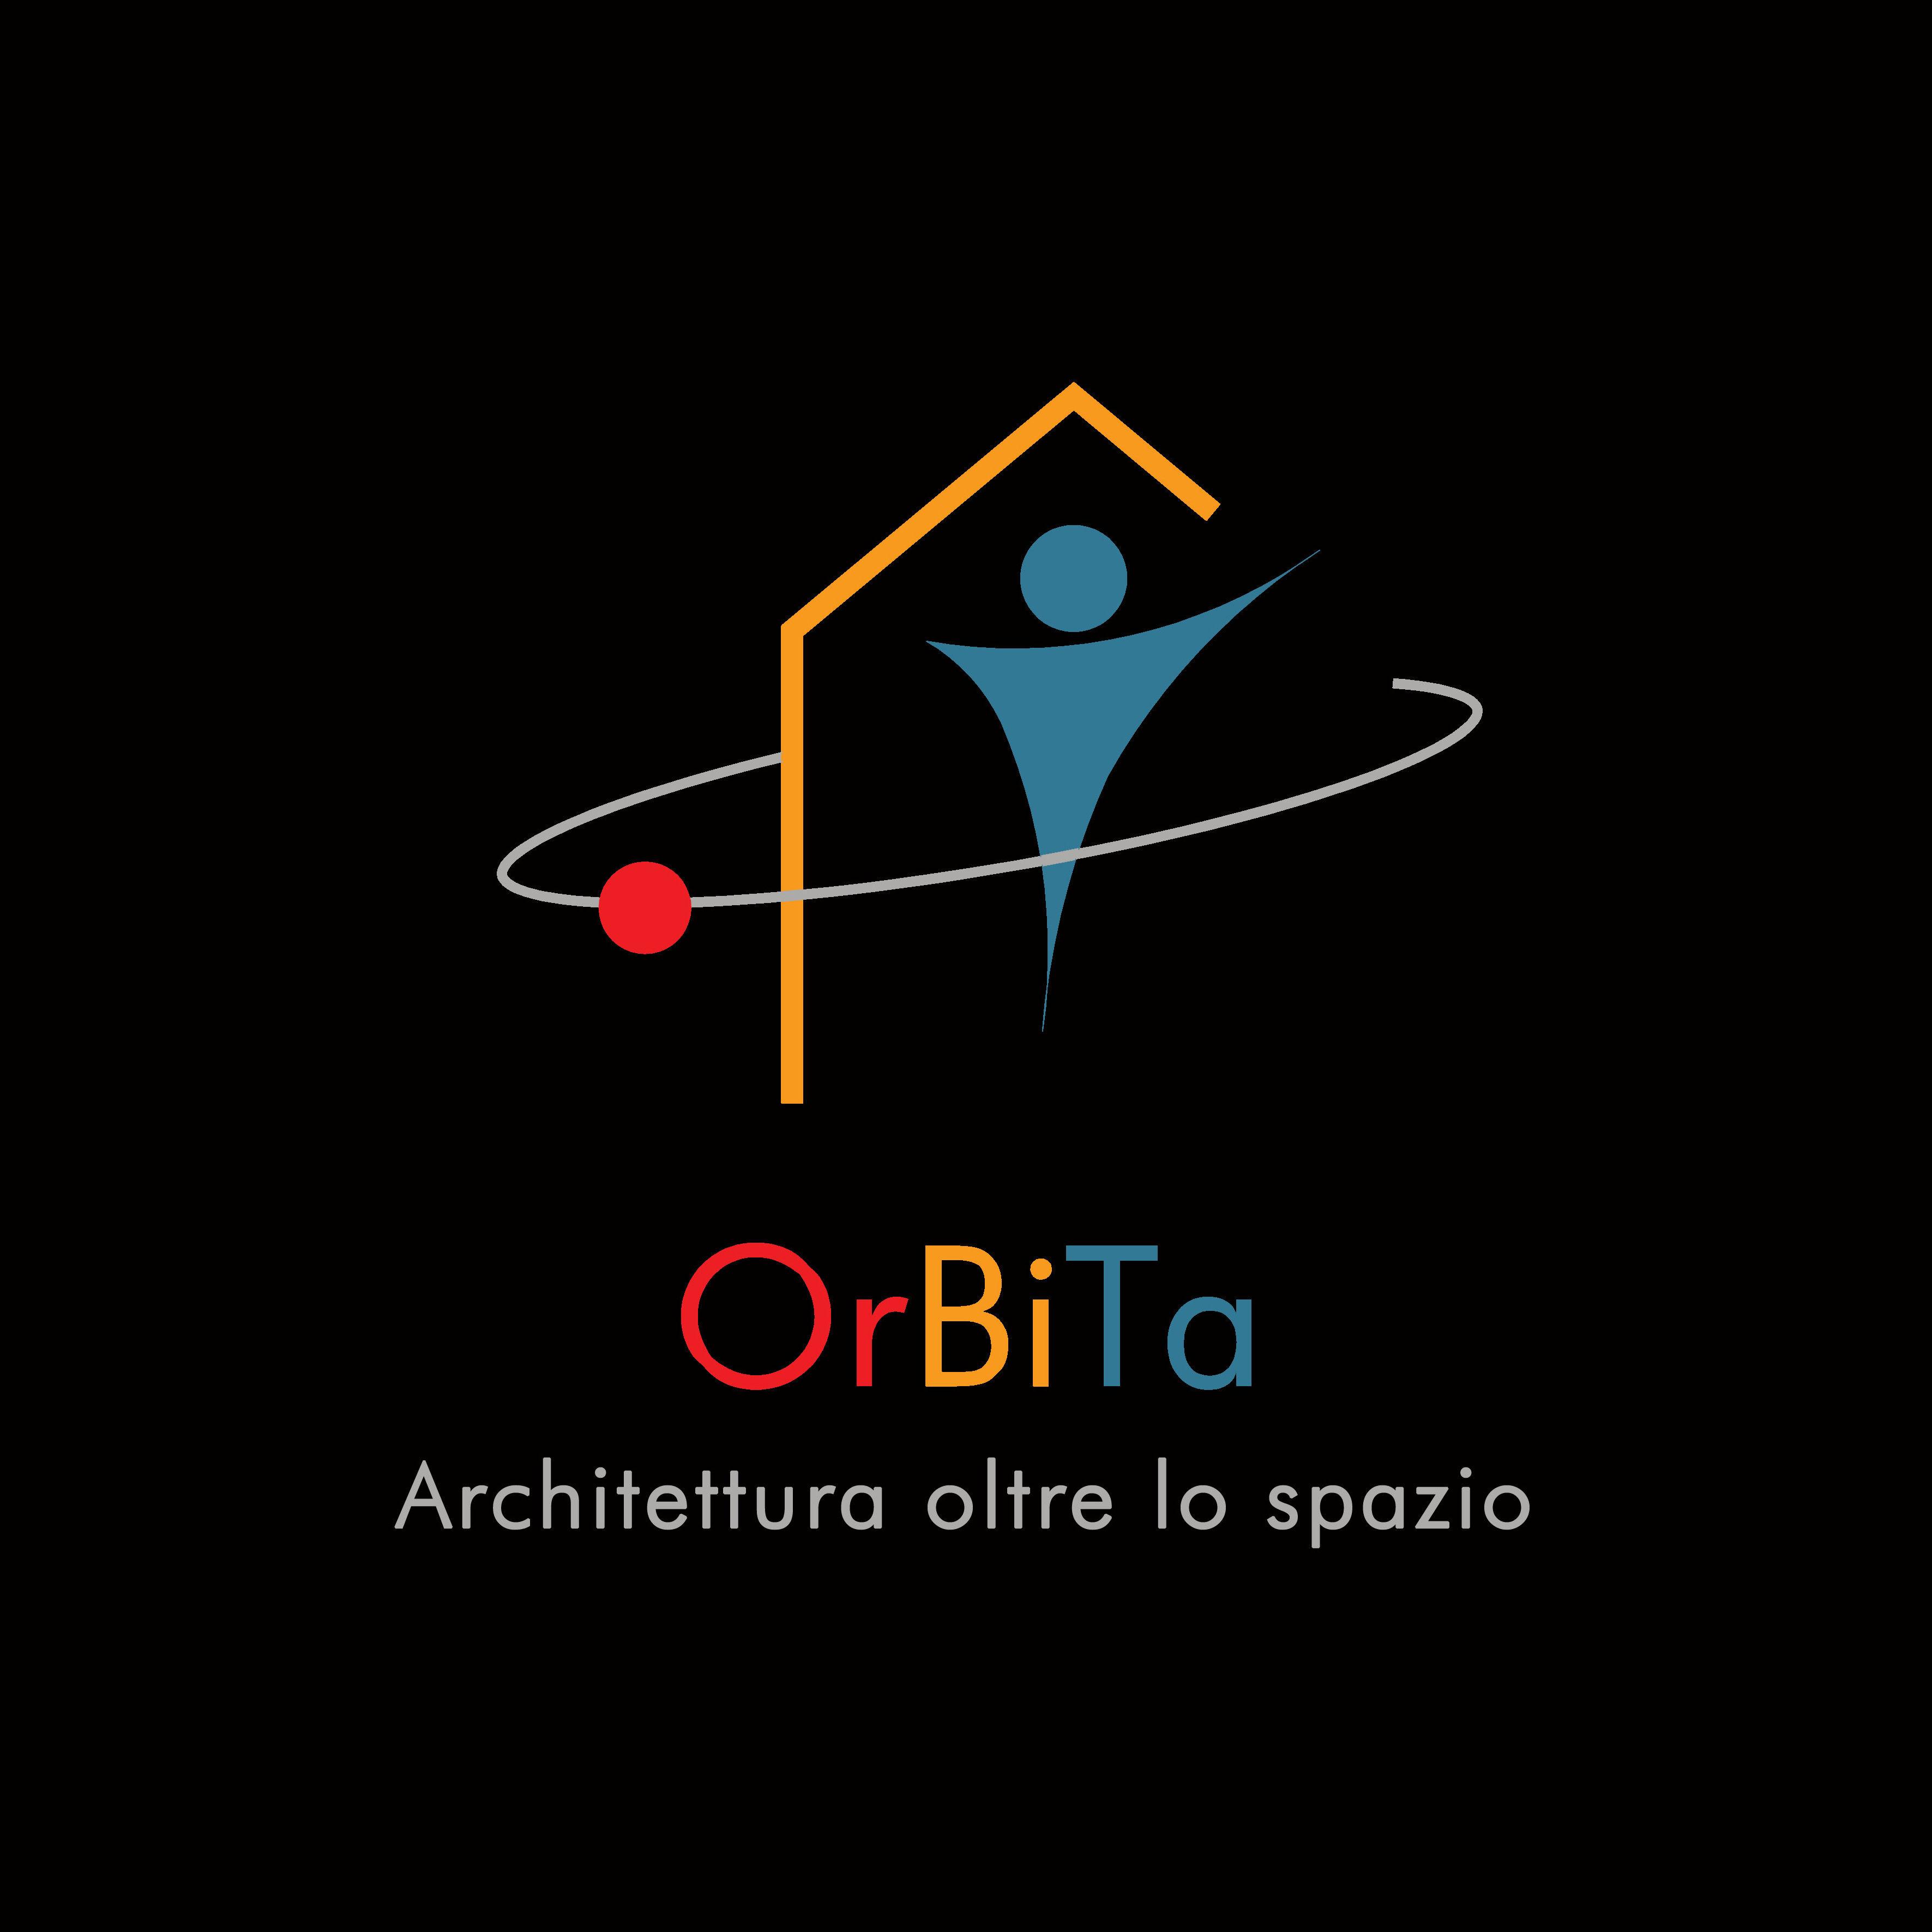 OrBiTa—Architettura oltre lo spazio